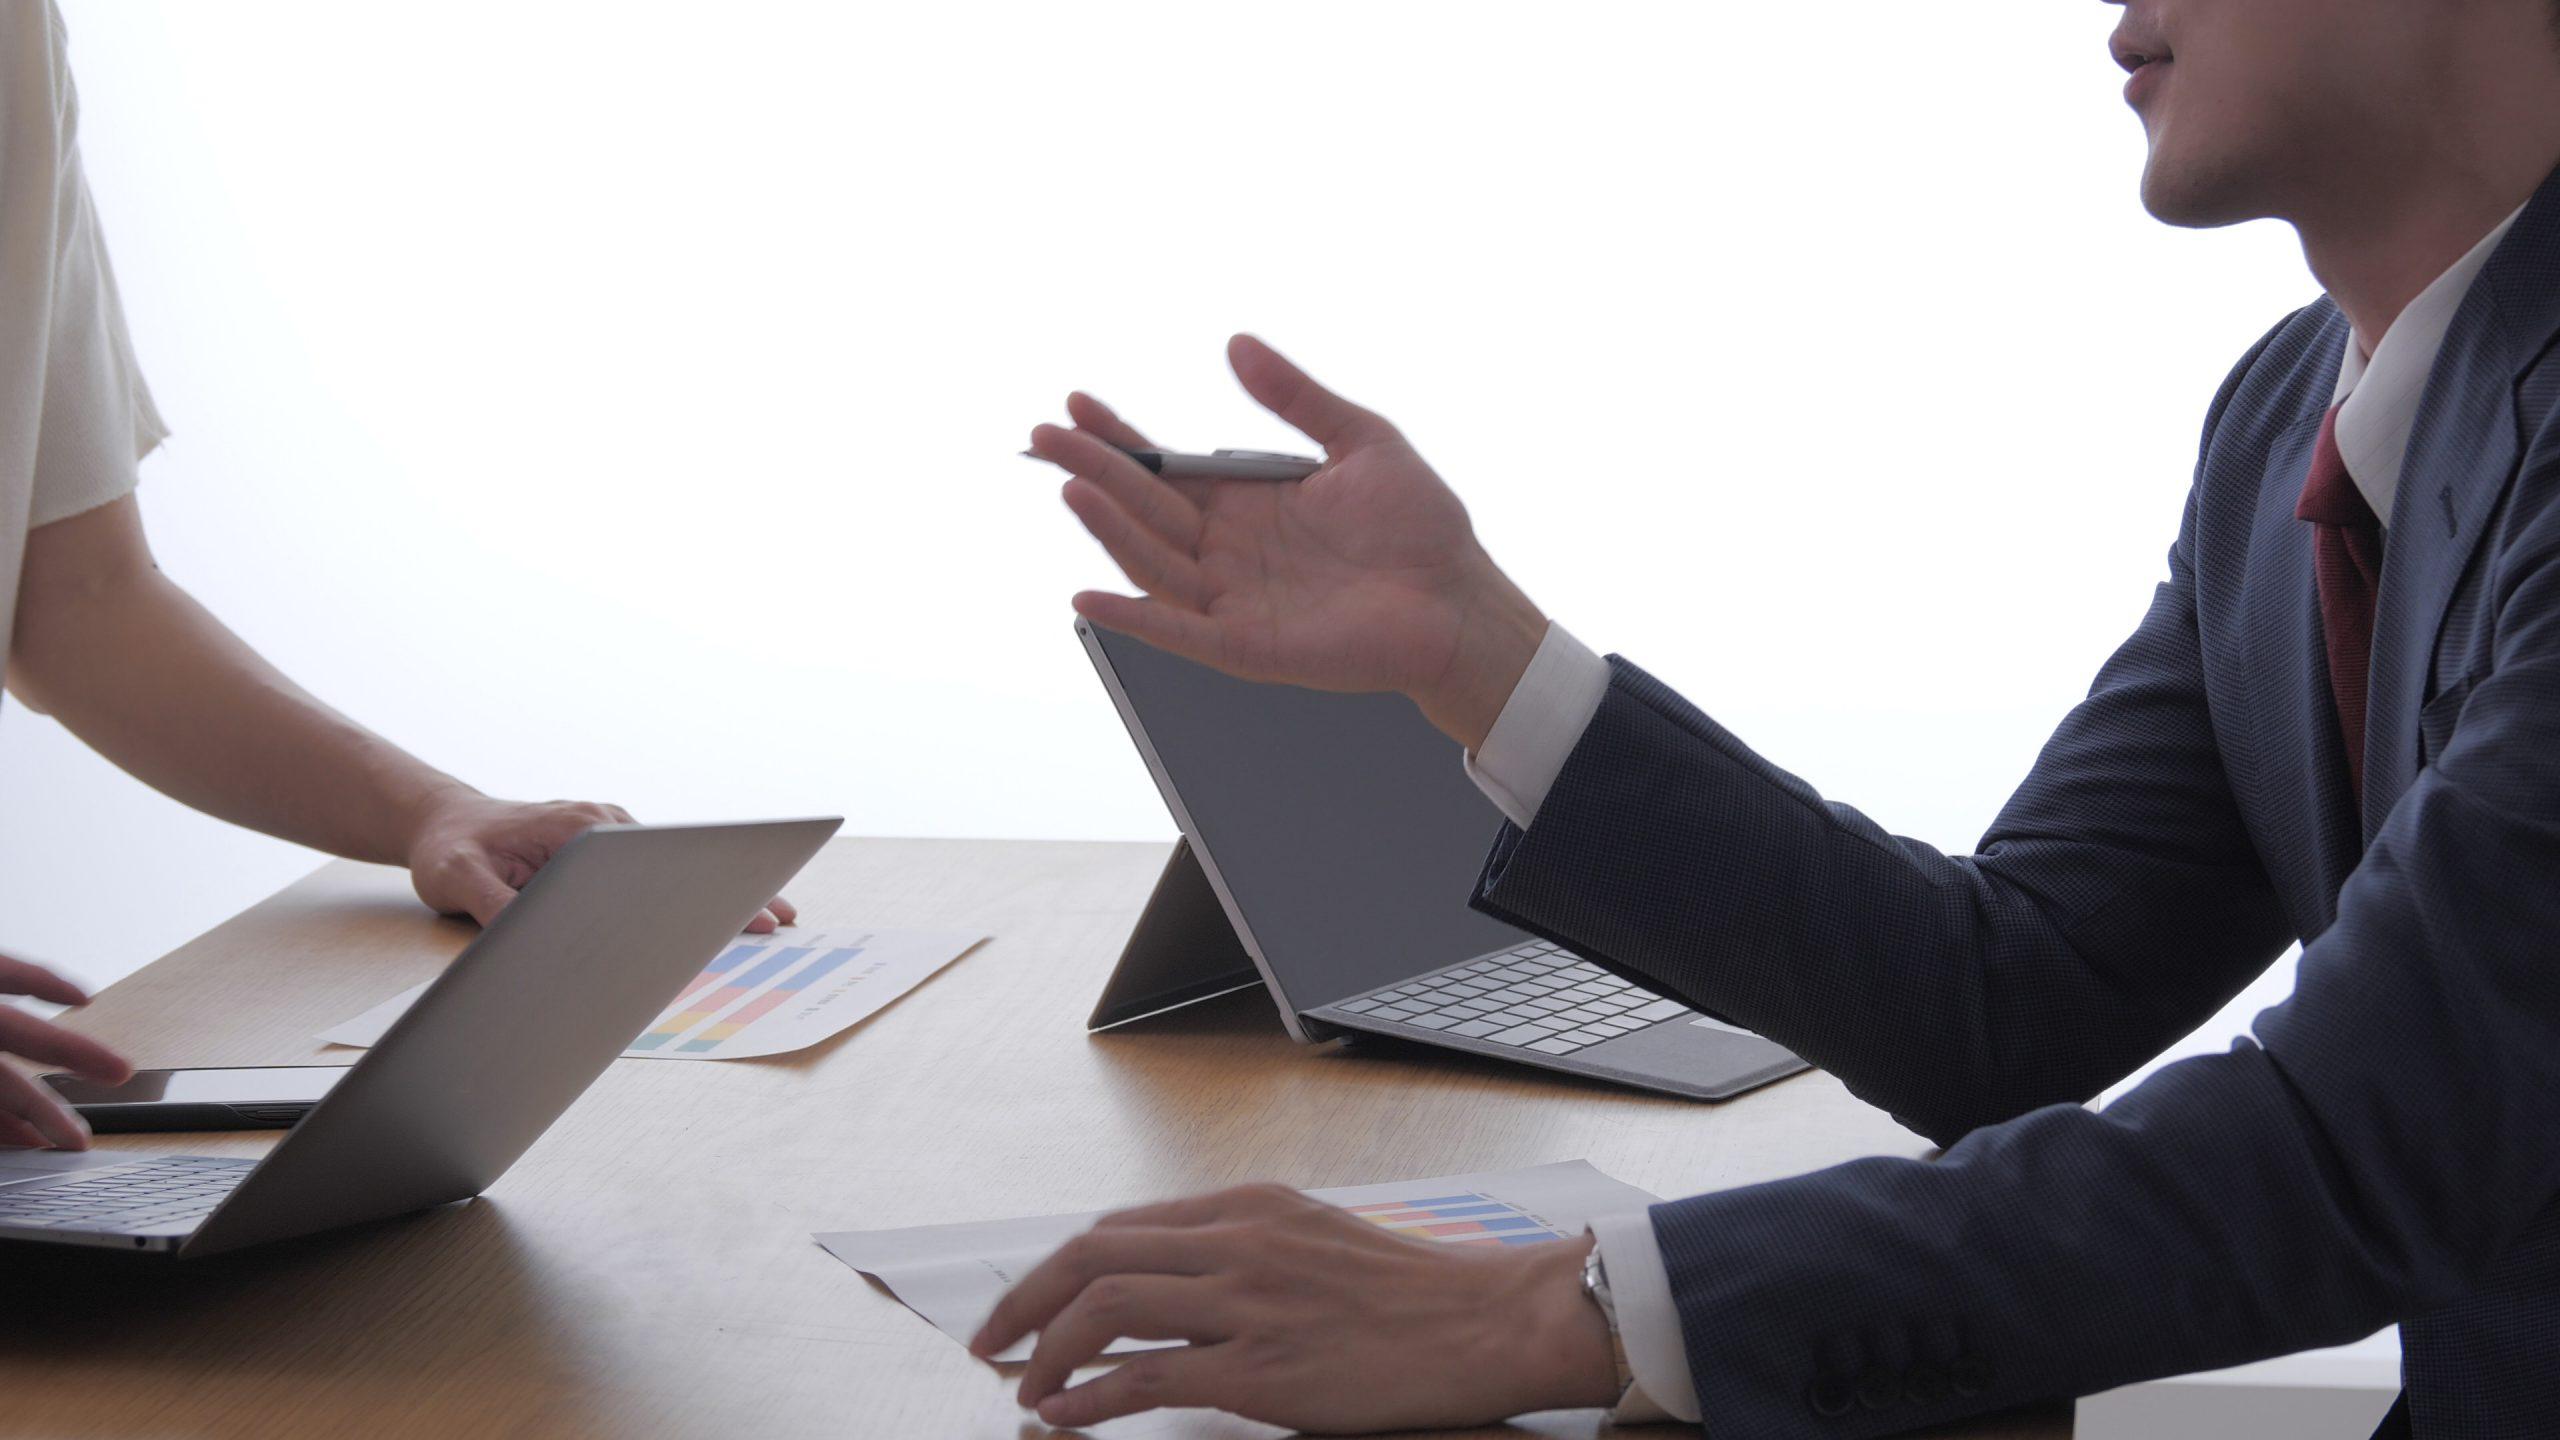 【どこなら借りられる?】個人事業主が可能な資金調達の方法とは?